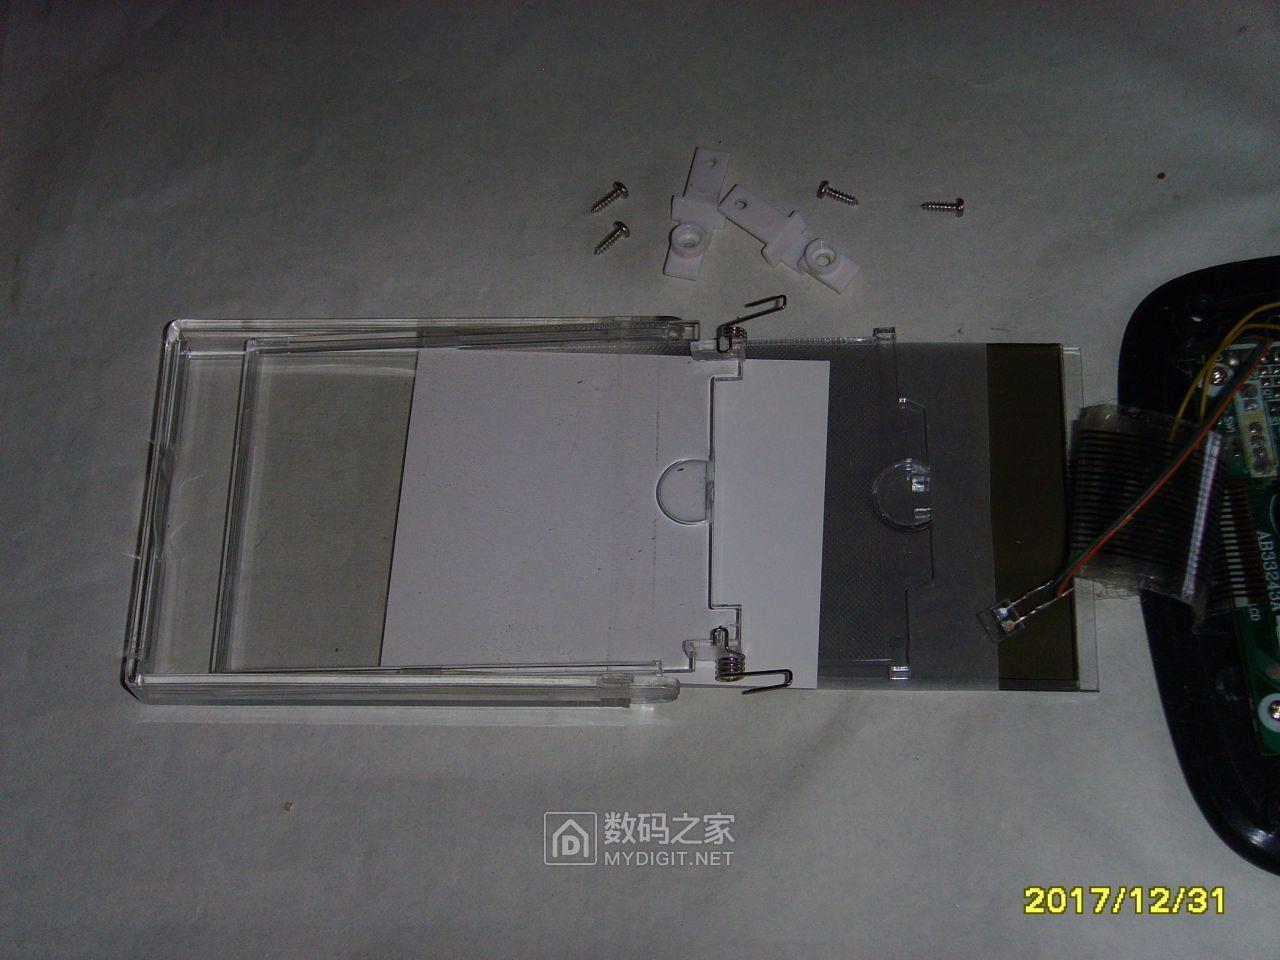 拍照记录LCD组件分层结构。